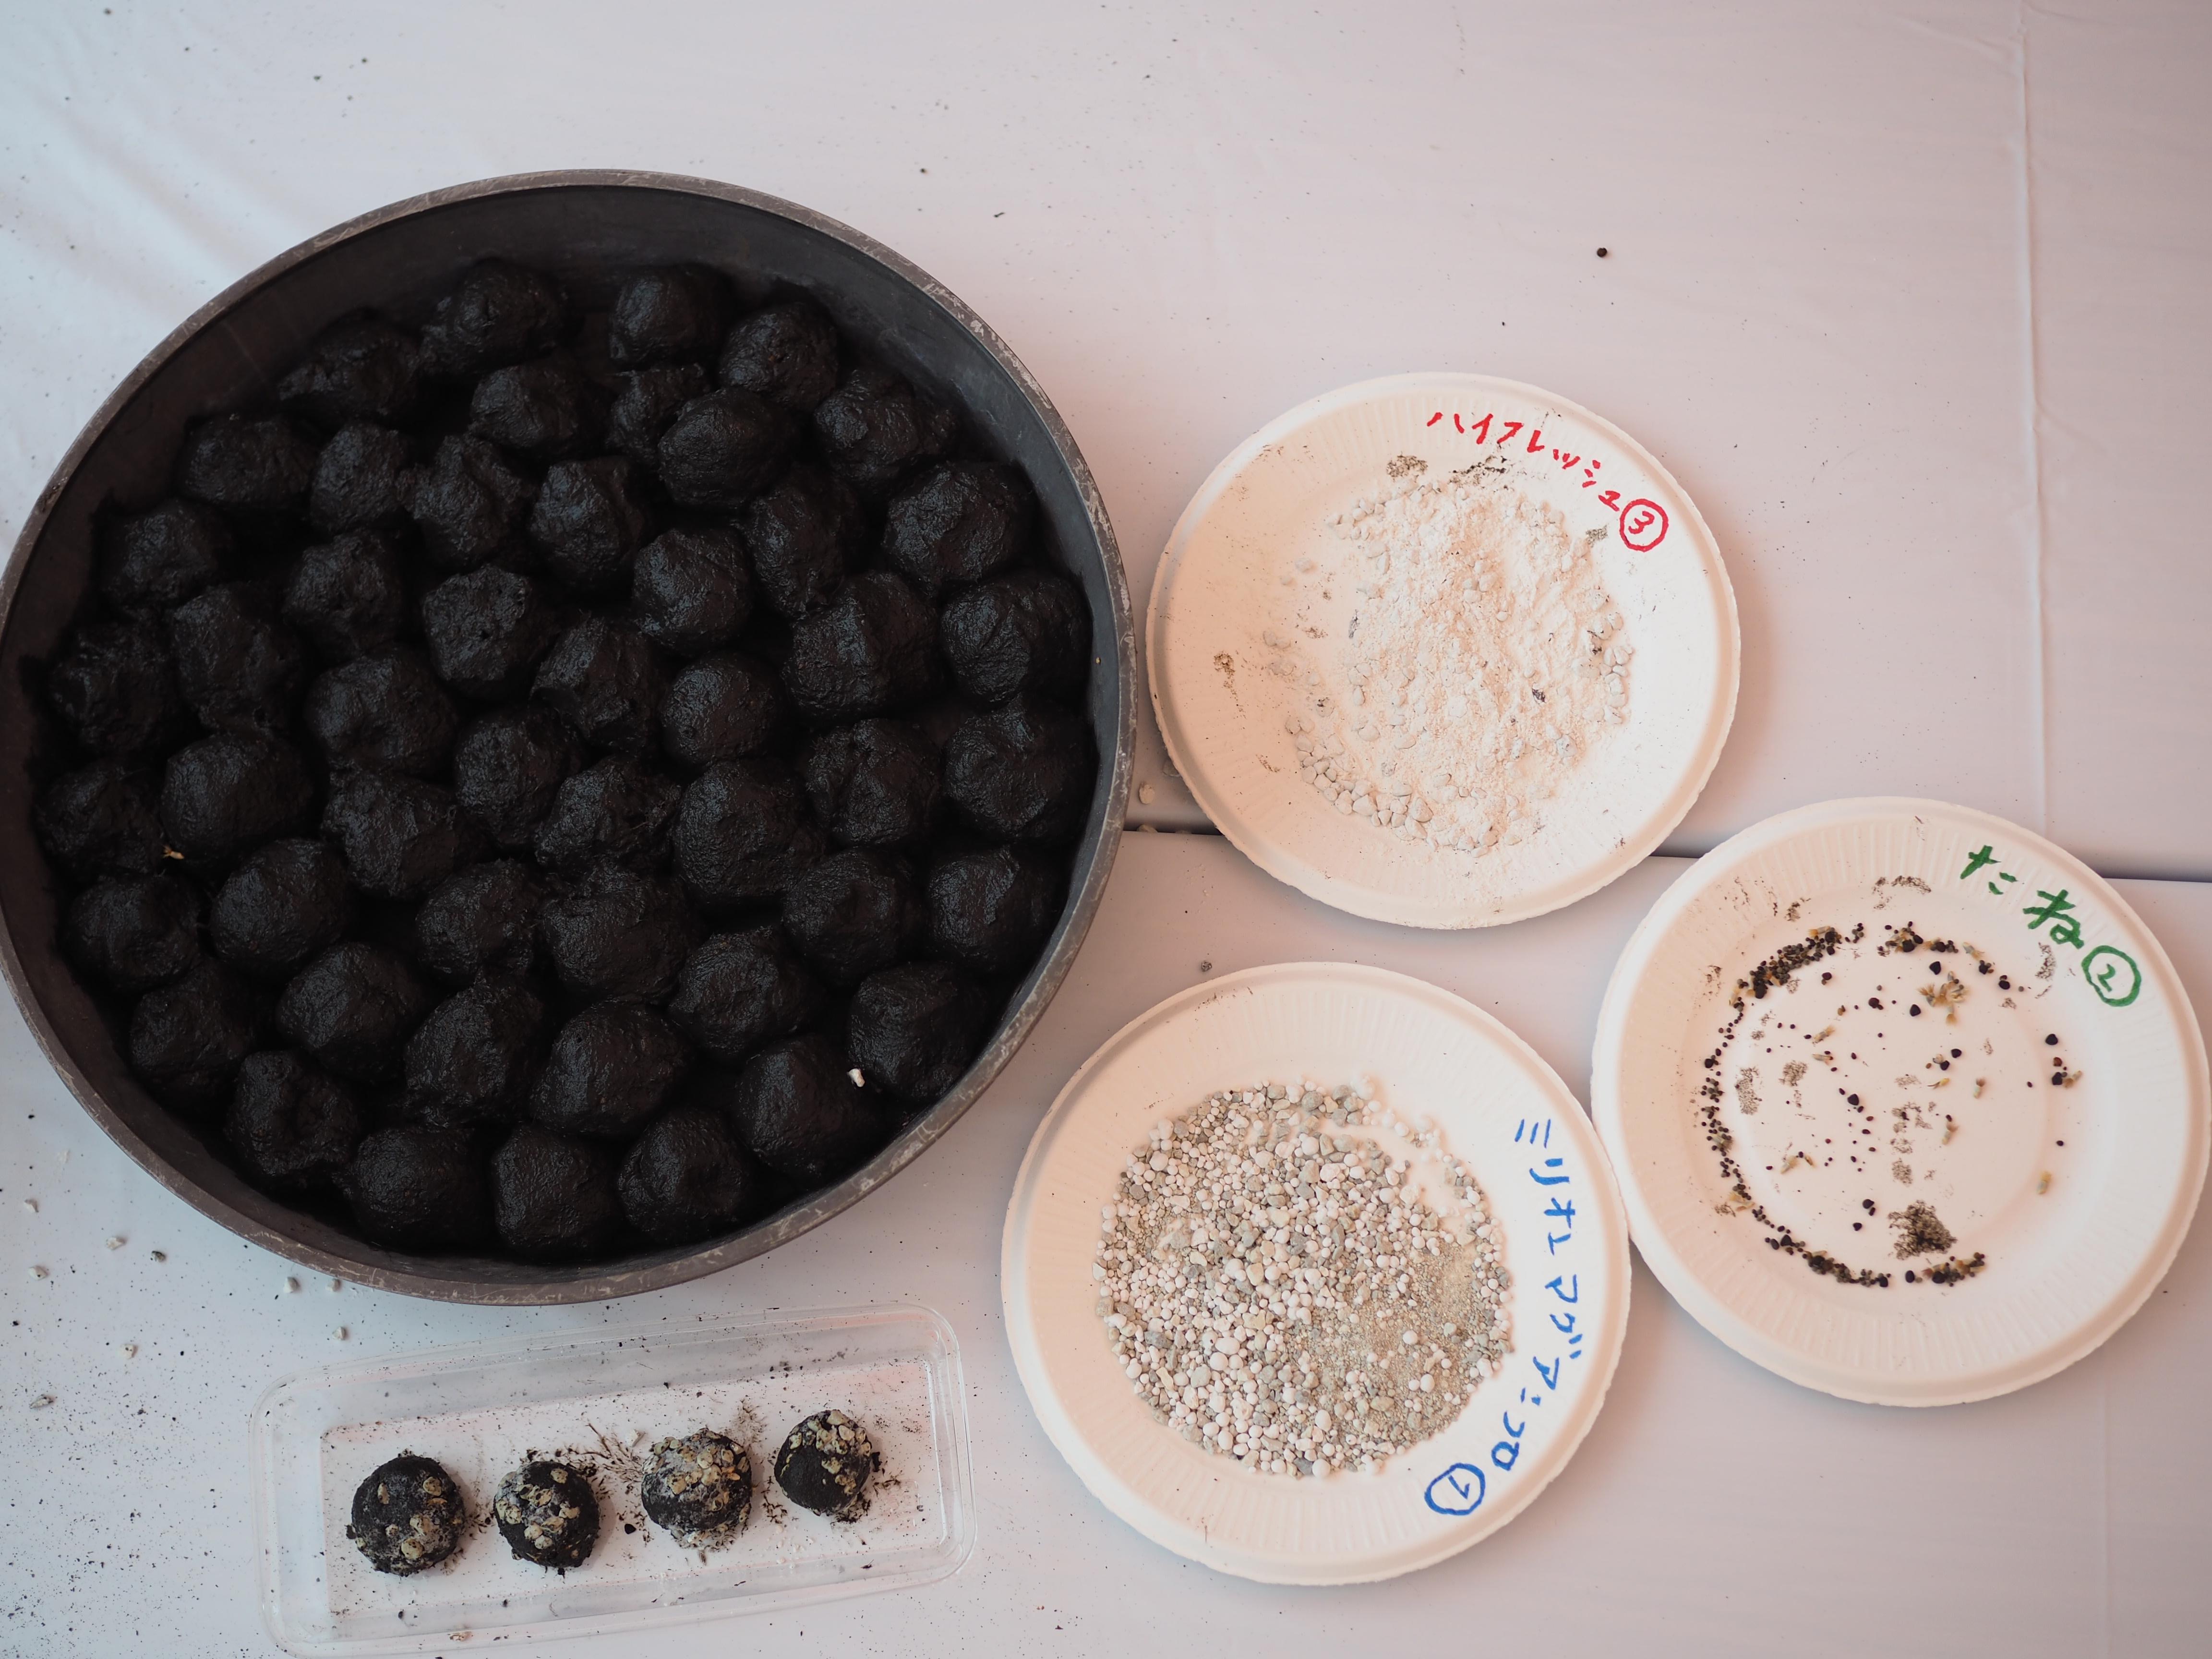 ちいさなタネを播きやすくするだけでなく、参加者同士のコミュニケーションツールとしても近年人気の「タネだんご」。  池などの湿地に堆積した植物が腐敗して分解した「けと土」に赤玉土などを混ぜた泥を丸めて、花の種や肥料、ケイ酸塩白土などをまぶしつけていきます。たねダンゴ1個の大きさはキンカンの実ぐらい。